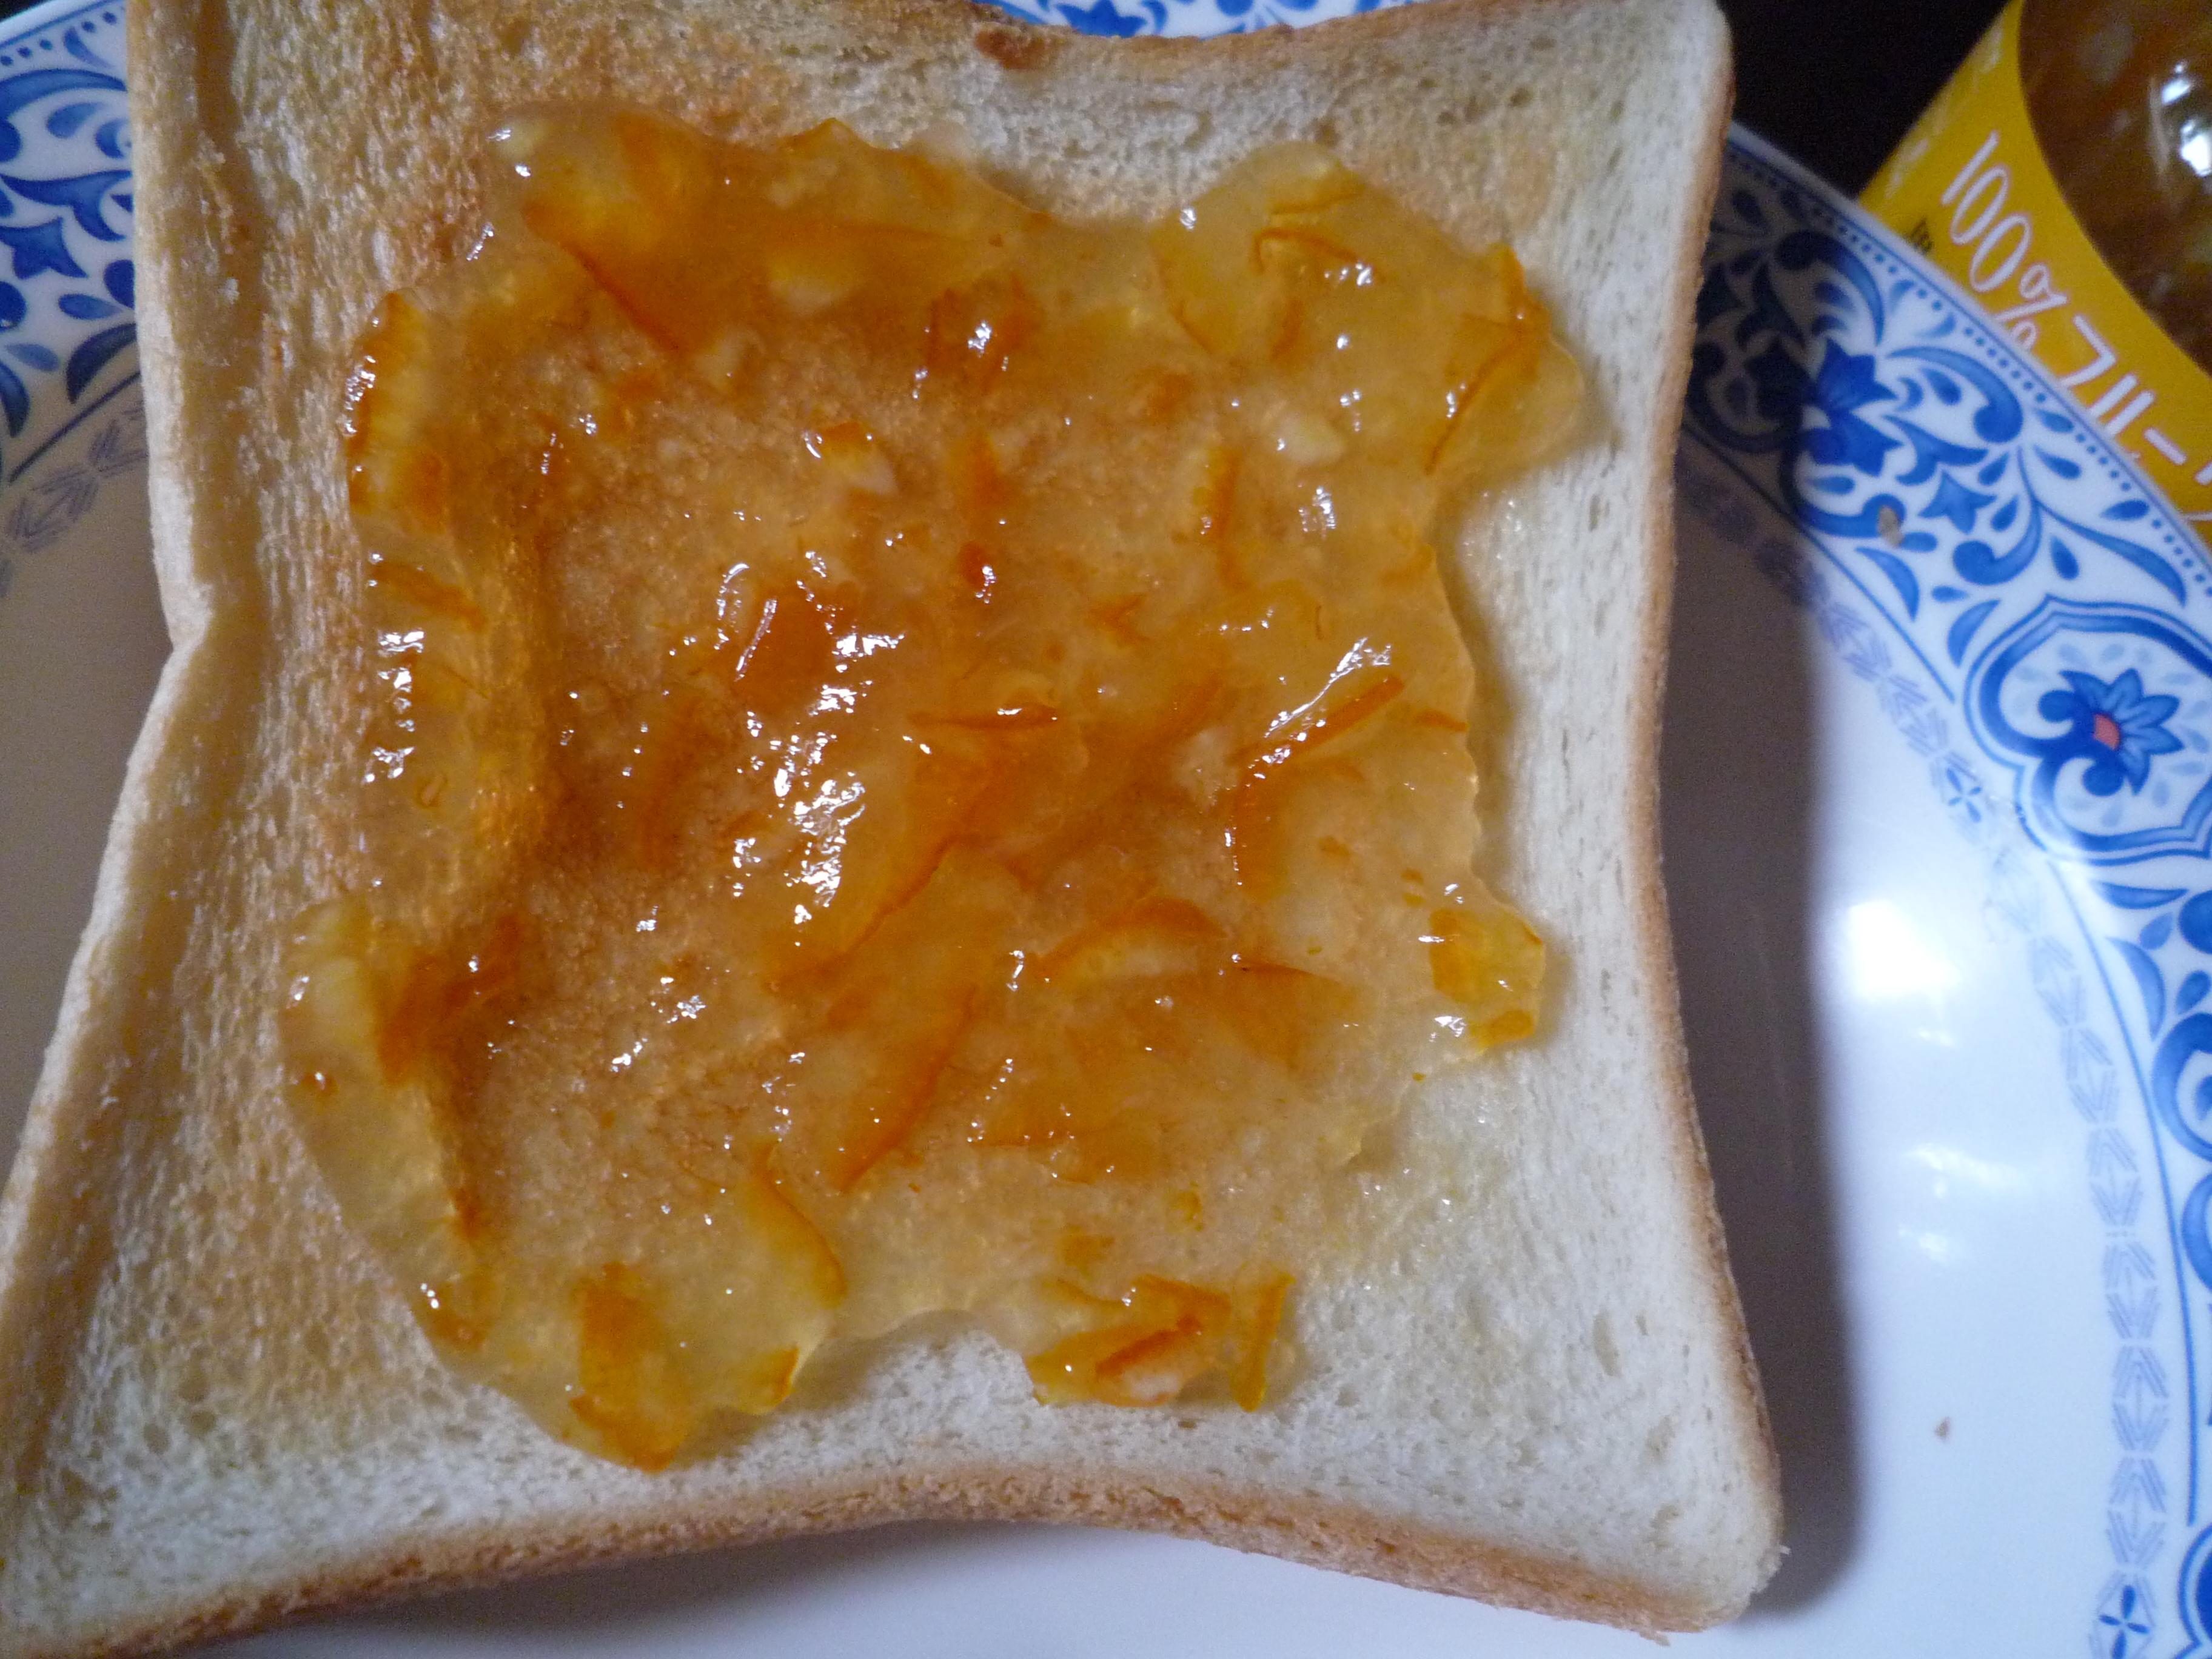 スドー 100%フルーツ ママレード パン